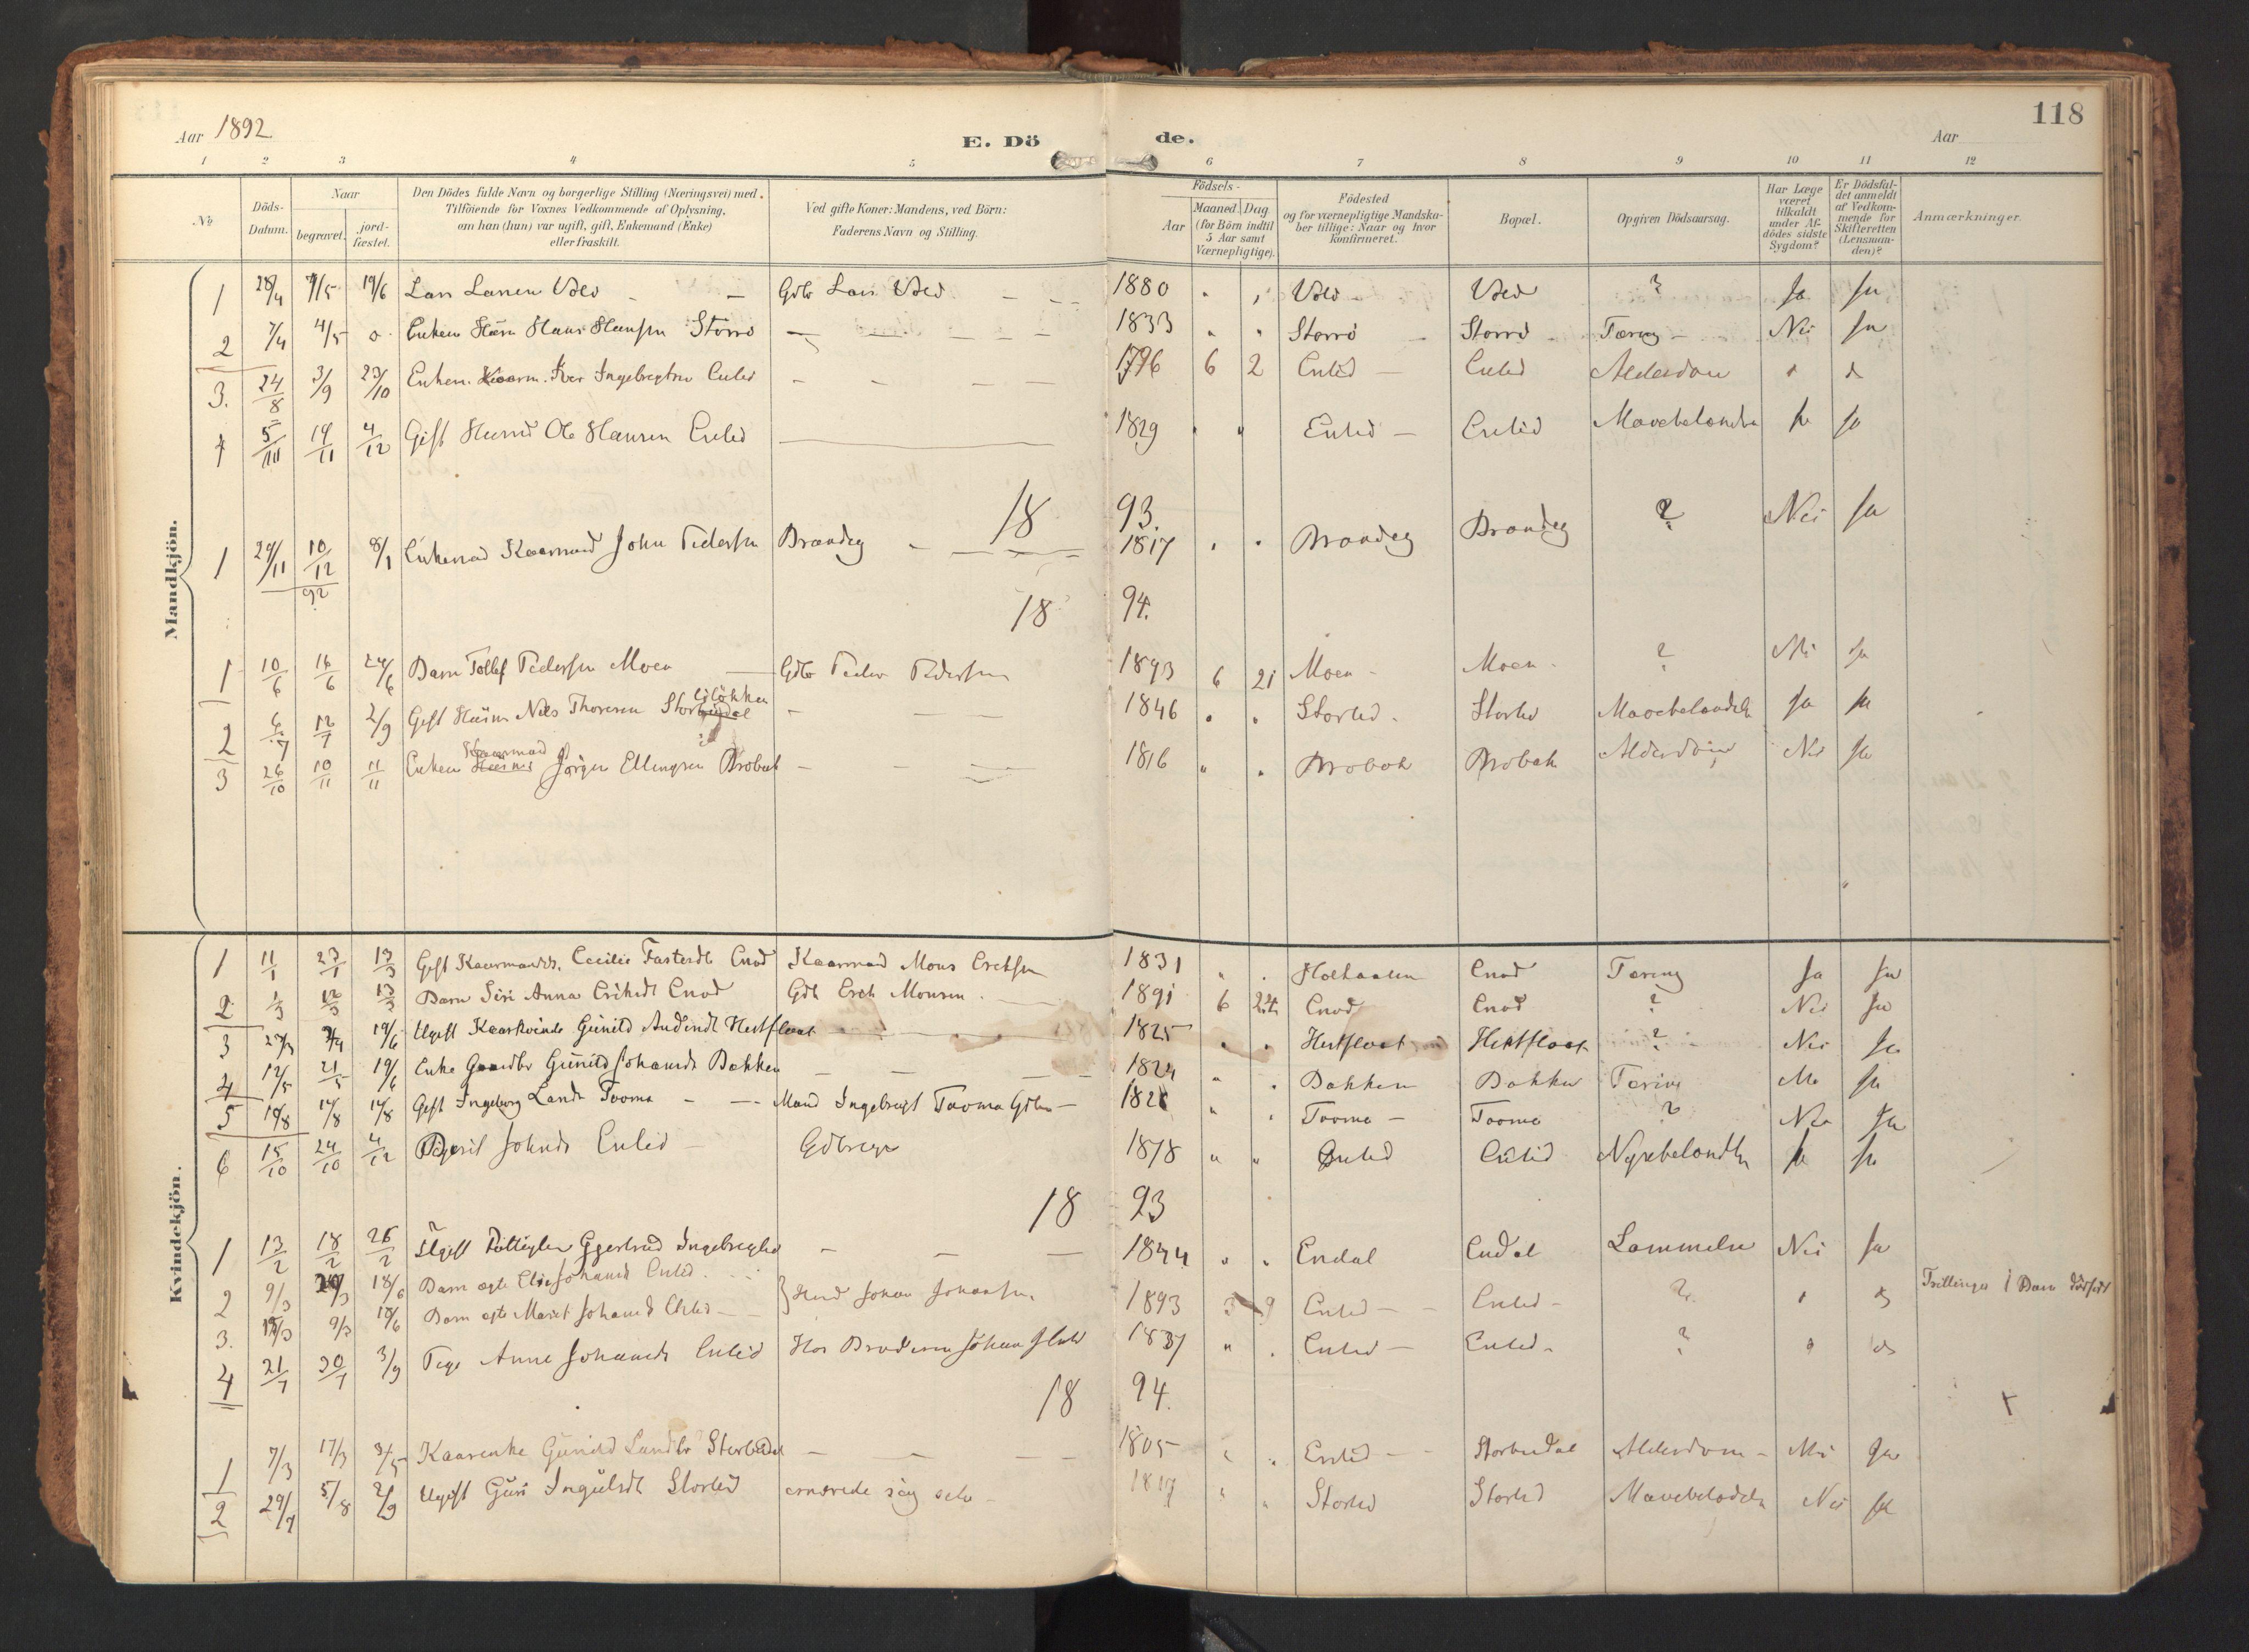 SAT, Ministerialprotokoller, klokkerbøker og fødselsregistre - Sør-Trøndelag, 690/L1050: Ministerialbok nr. 690A01, 1889-1929, s. 118